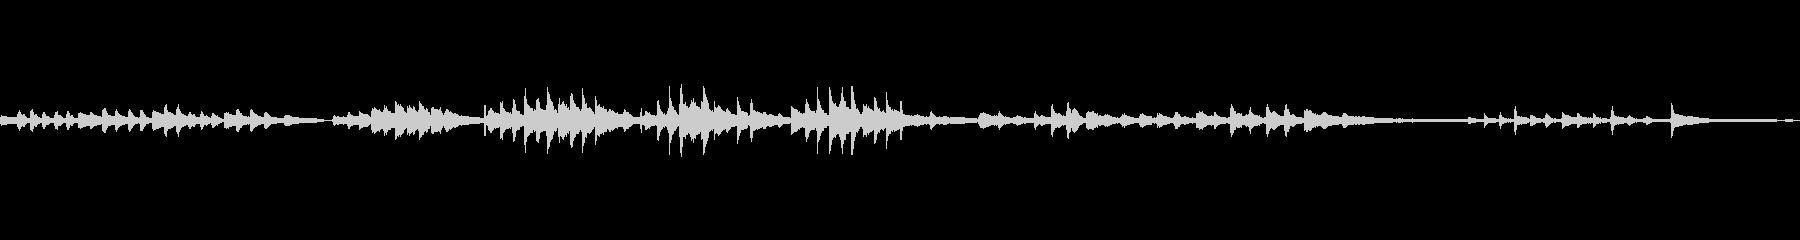 ほのぼの穏やかなピアノソロBGMの未再生の波形